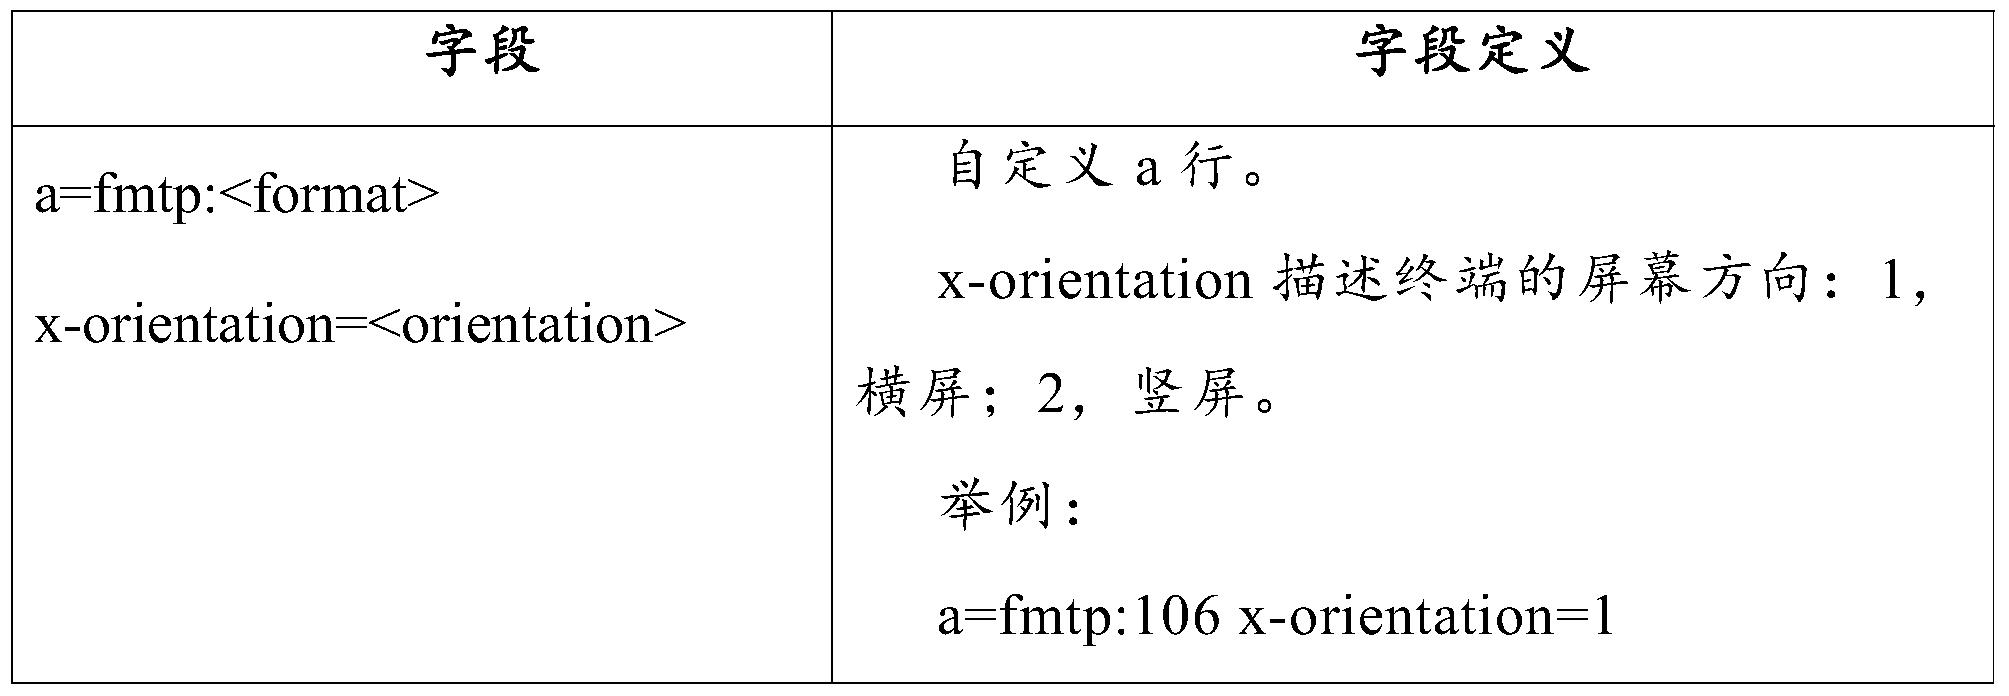 Figure PCTCN2014092795-appb-000001